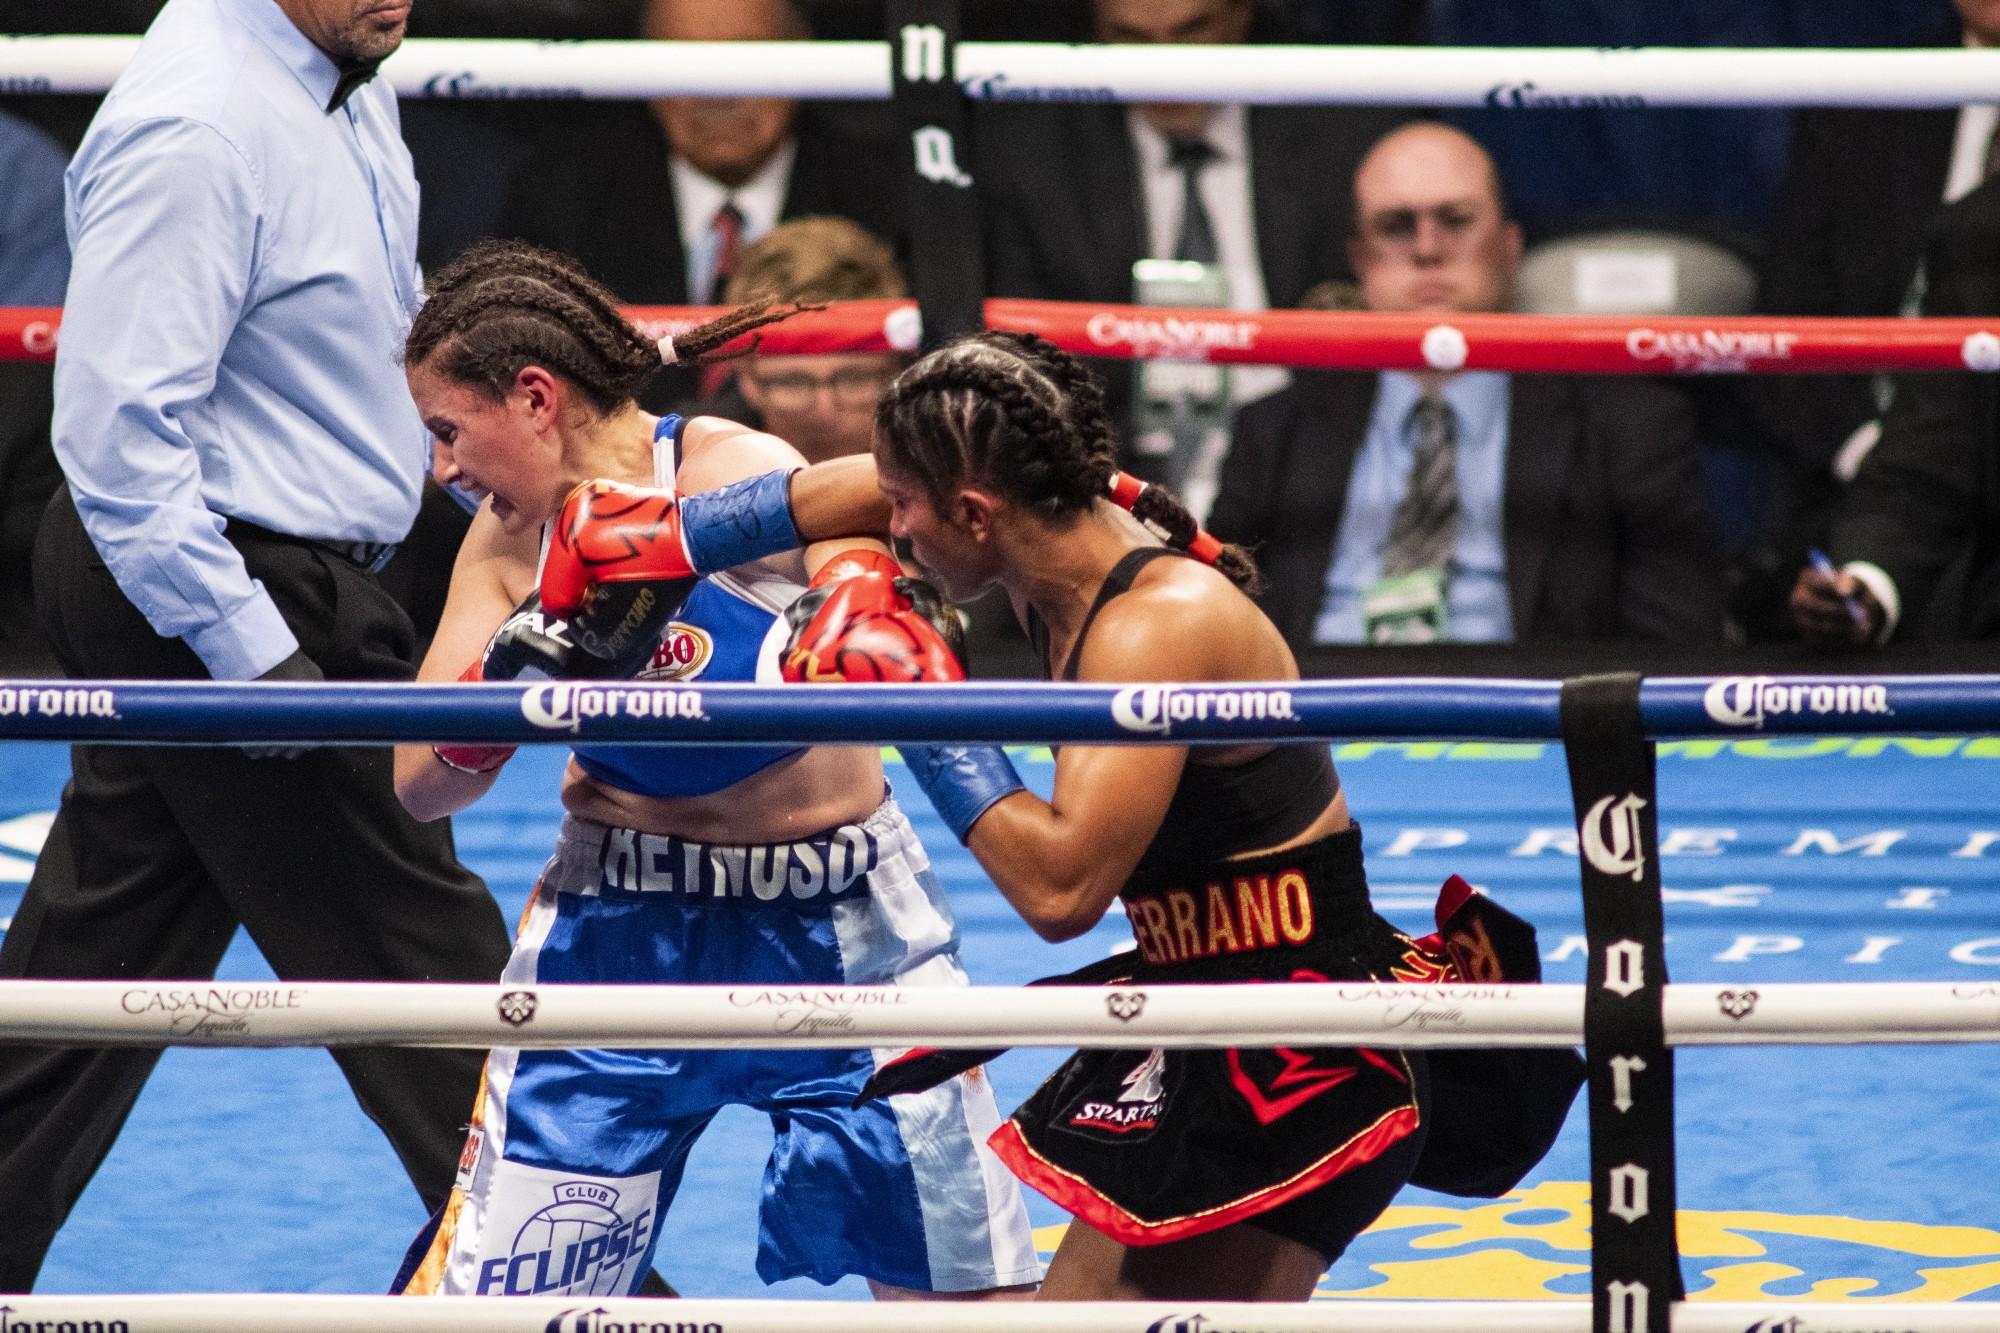 Cô gái Puerto Rico 29 tuổi trở thành nhà vô địch 6 hạng cân đầu tiên của giới Quyền Anh nữ - Ảnh 1.